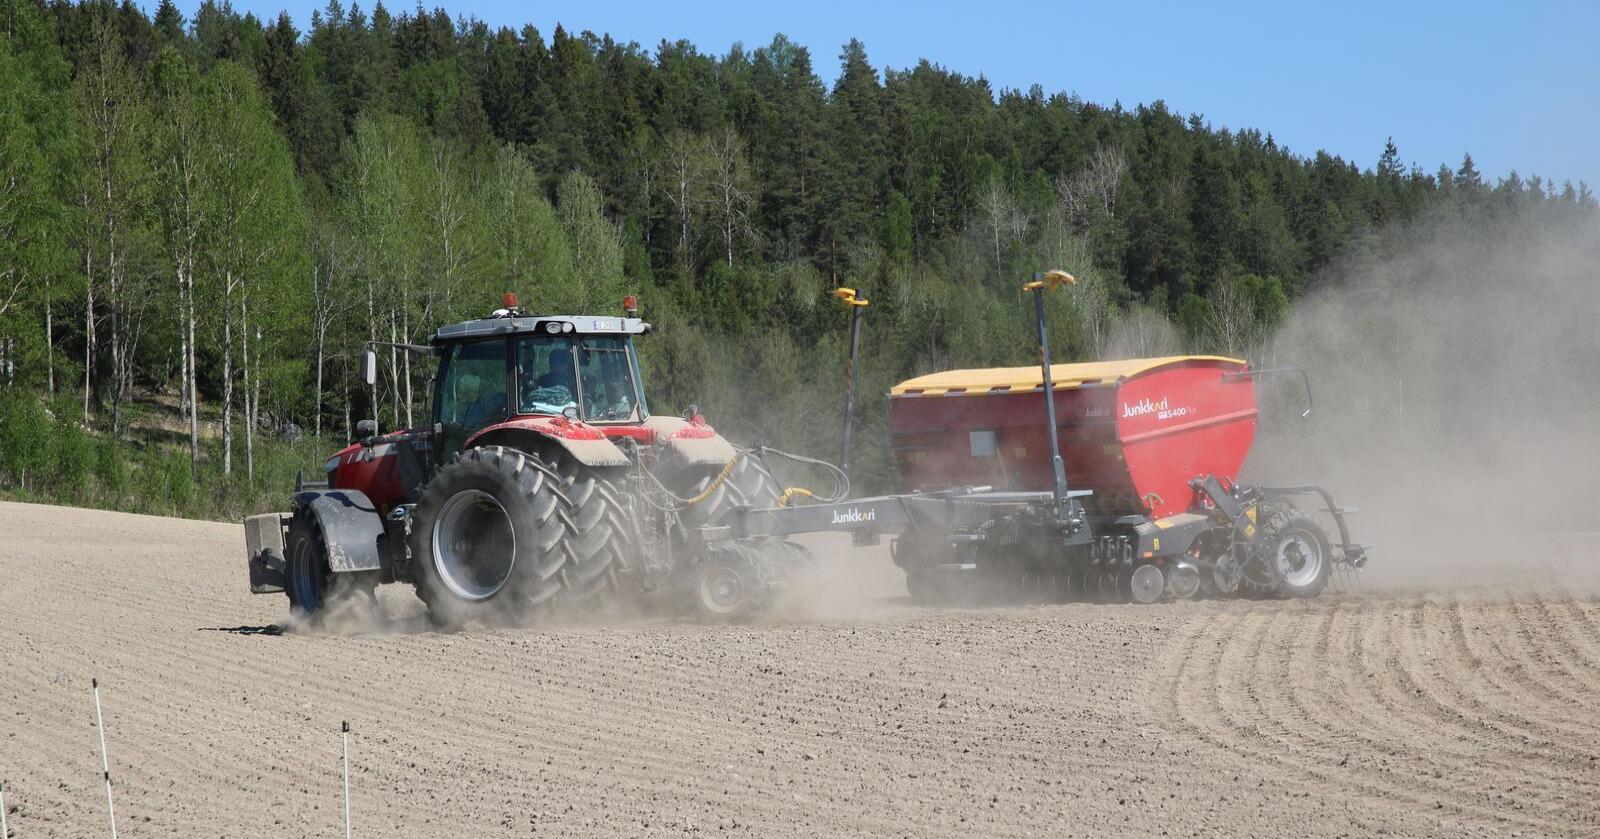 Et samlet Storting ber nå regjeringen, i samarbeid med landbruksnæringa, vurdere å gjennomføre tiltak som stimulerer til økt norsk plantebasert matproduksjon og selvforsyning i 2020. Foto: Lars Olav Haug